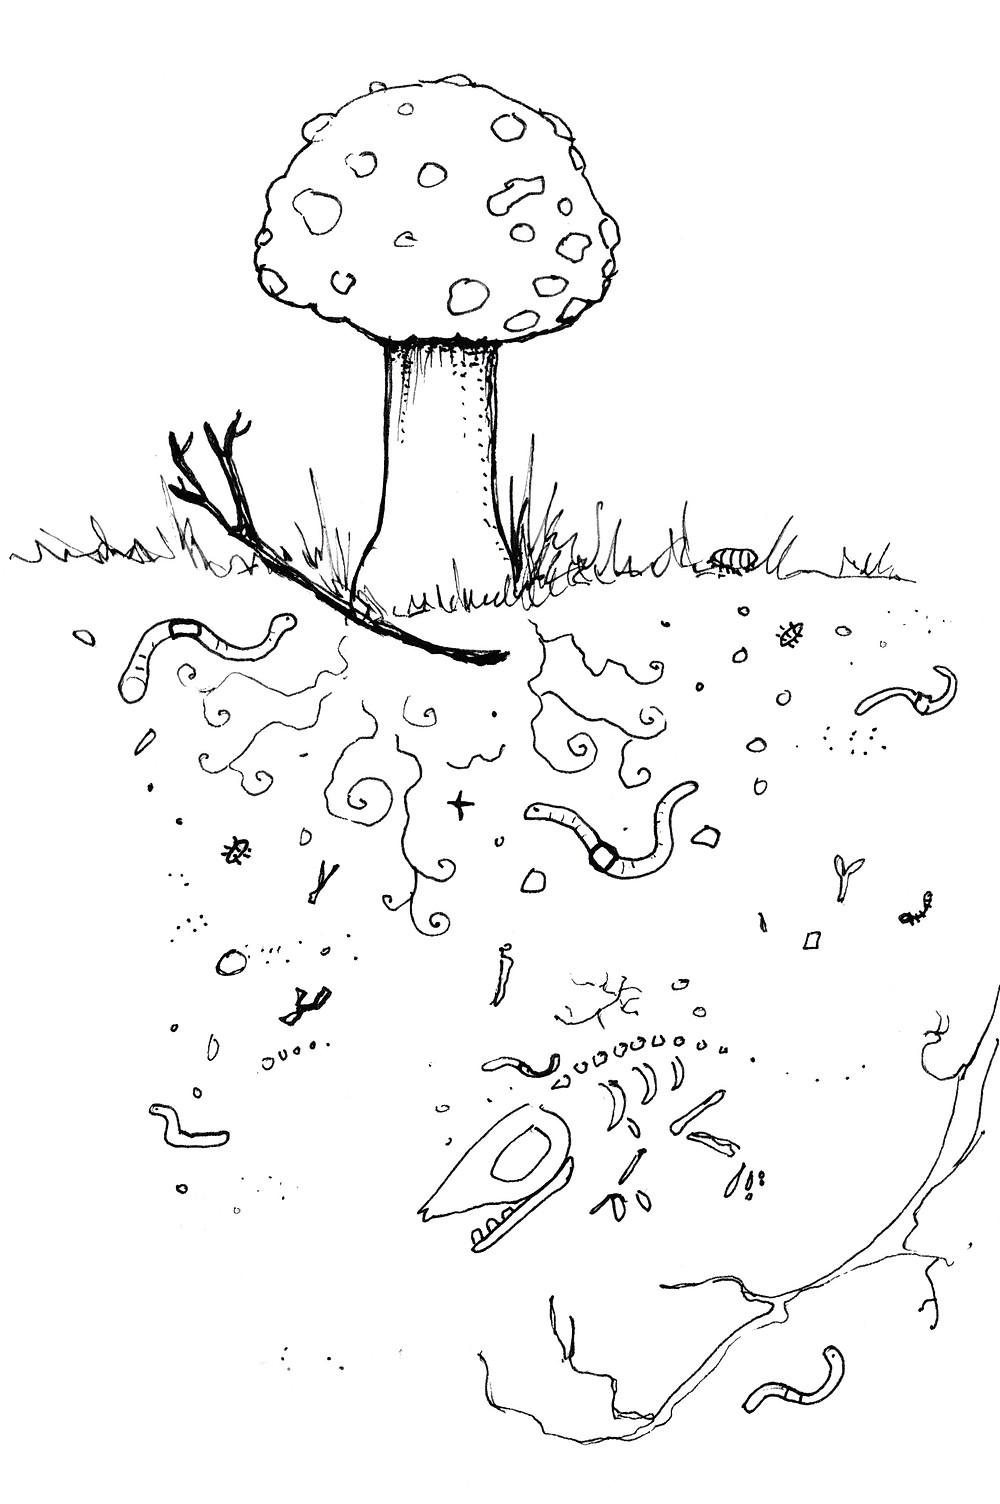 Children's Book Illustrator - for Gardening Books – Mushroom and Soil Illustration by Idelle Fisher